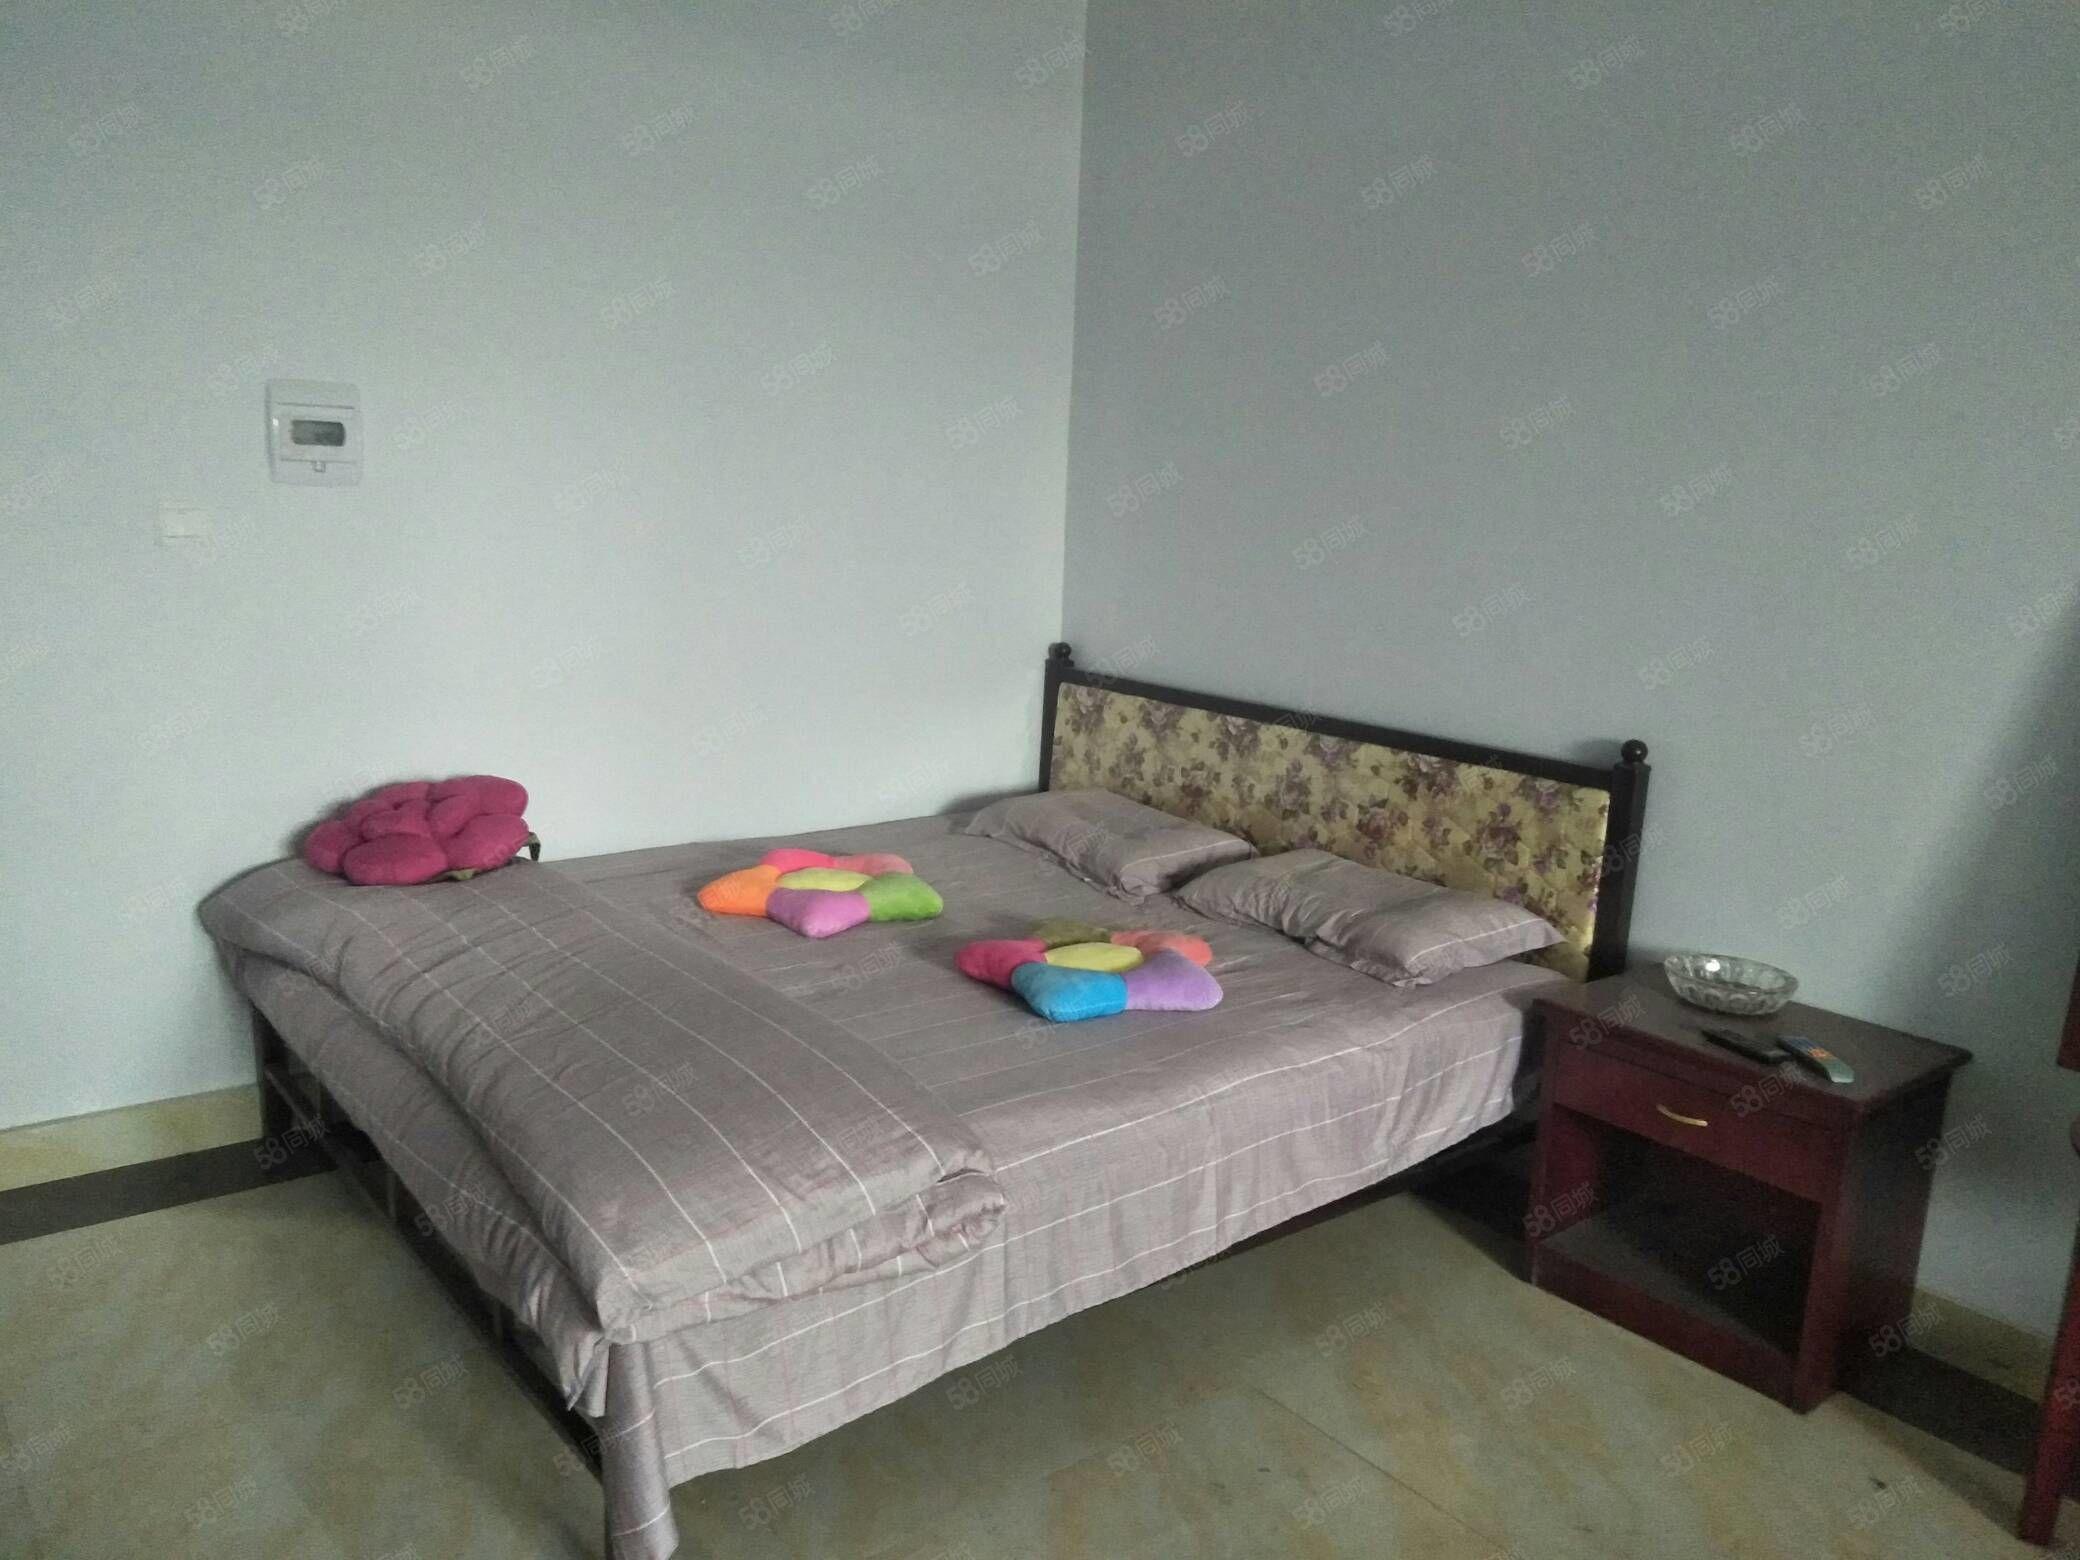 急租南门单身公寓一室一厅精装修拎包入住交通方便